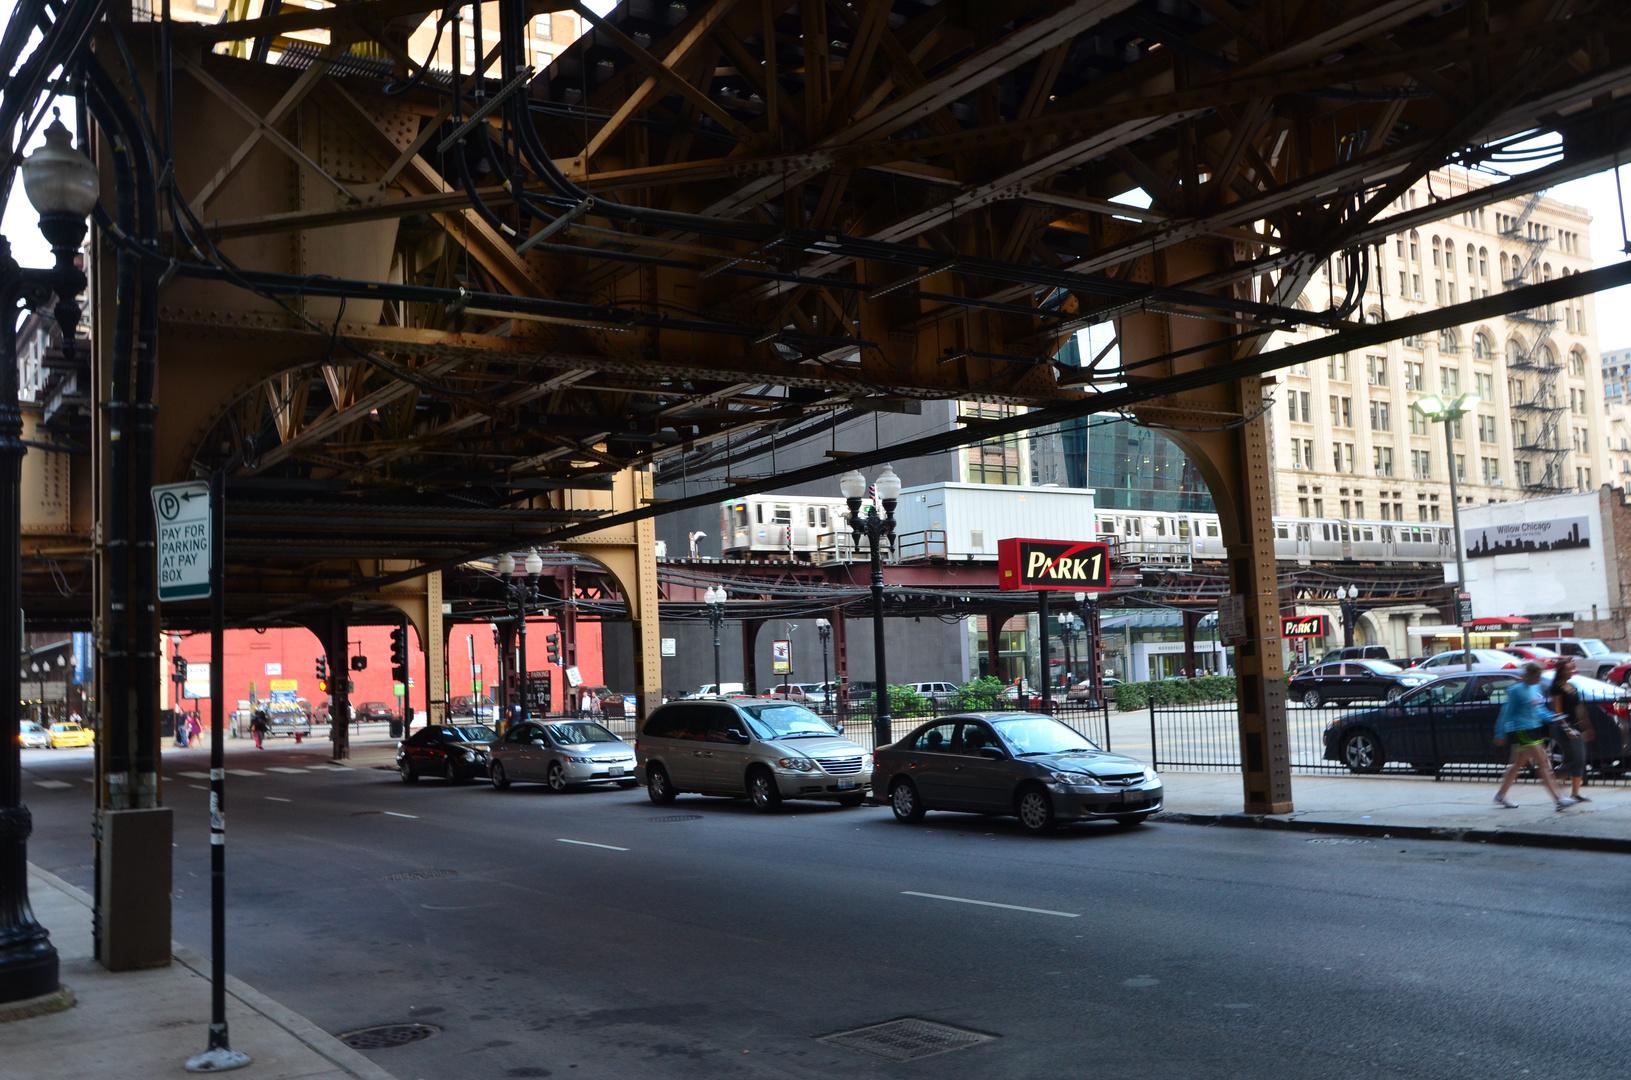 Mit Auto, Metro oder zu Fuß - wie komme ich am schnellsten